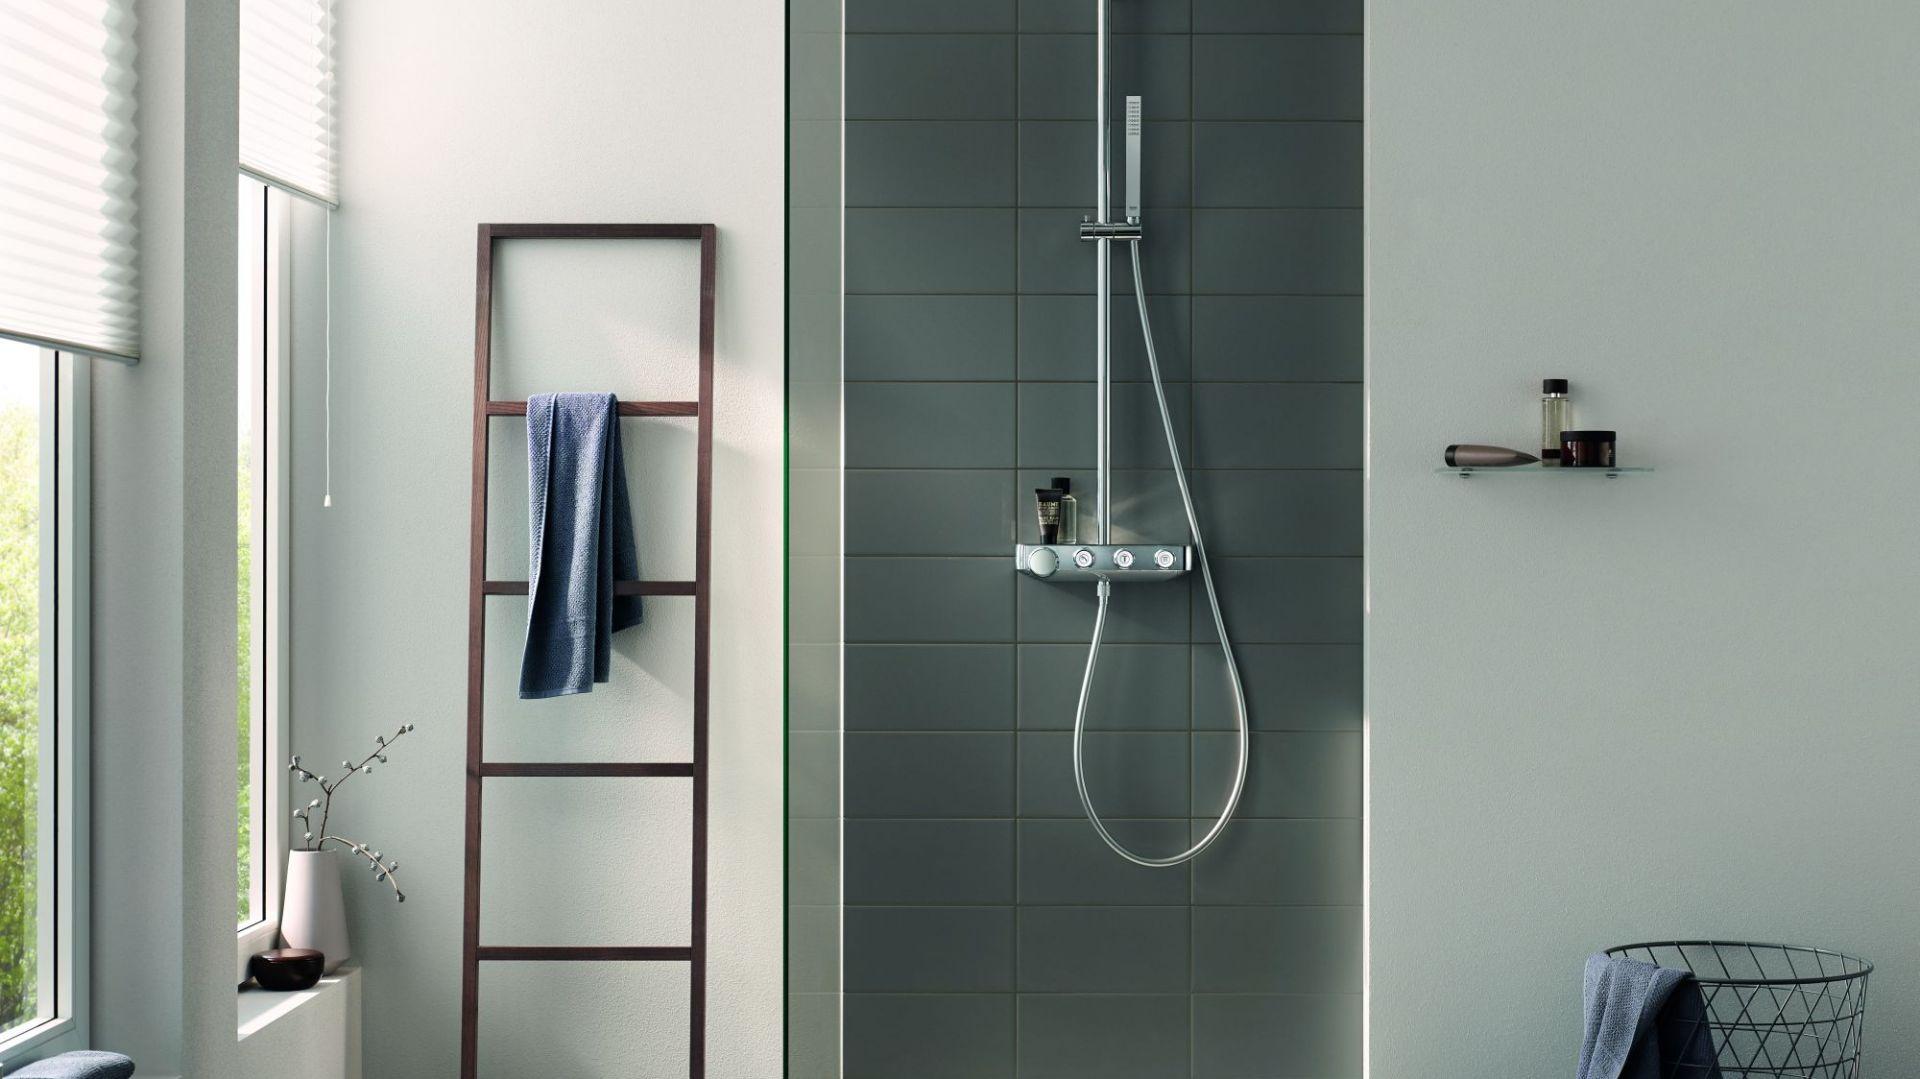 Strefa prysznica - panel prysznicowy Euphoria SmartControl. Fot. Grohe